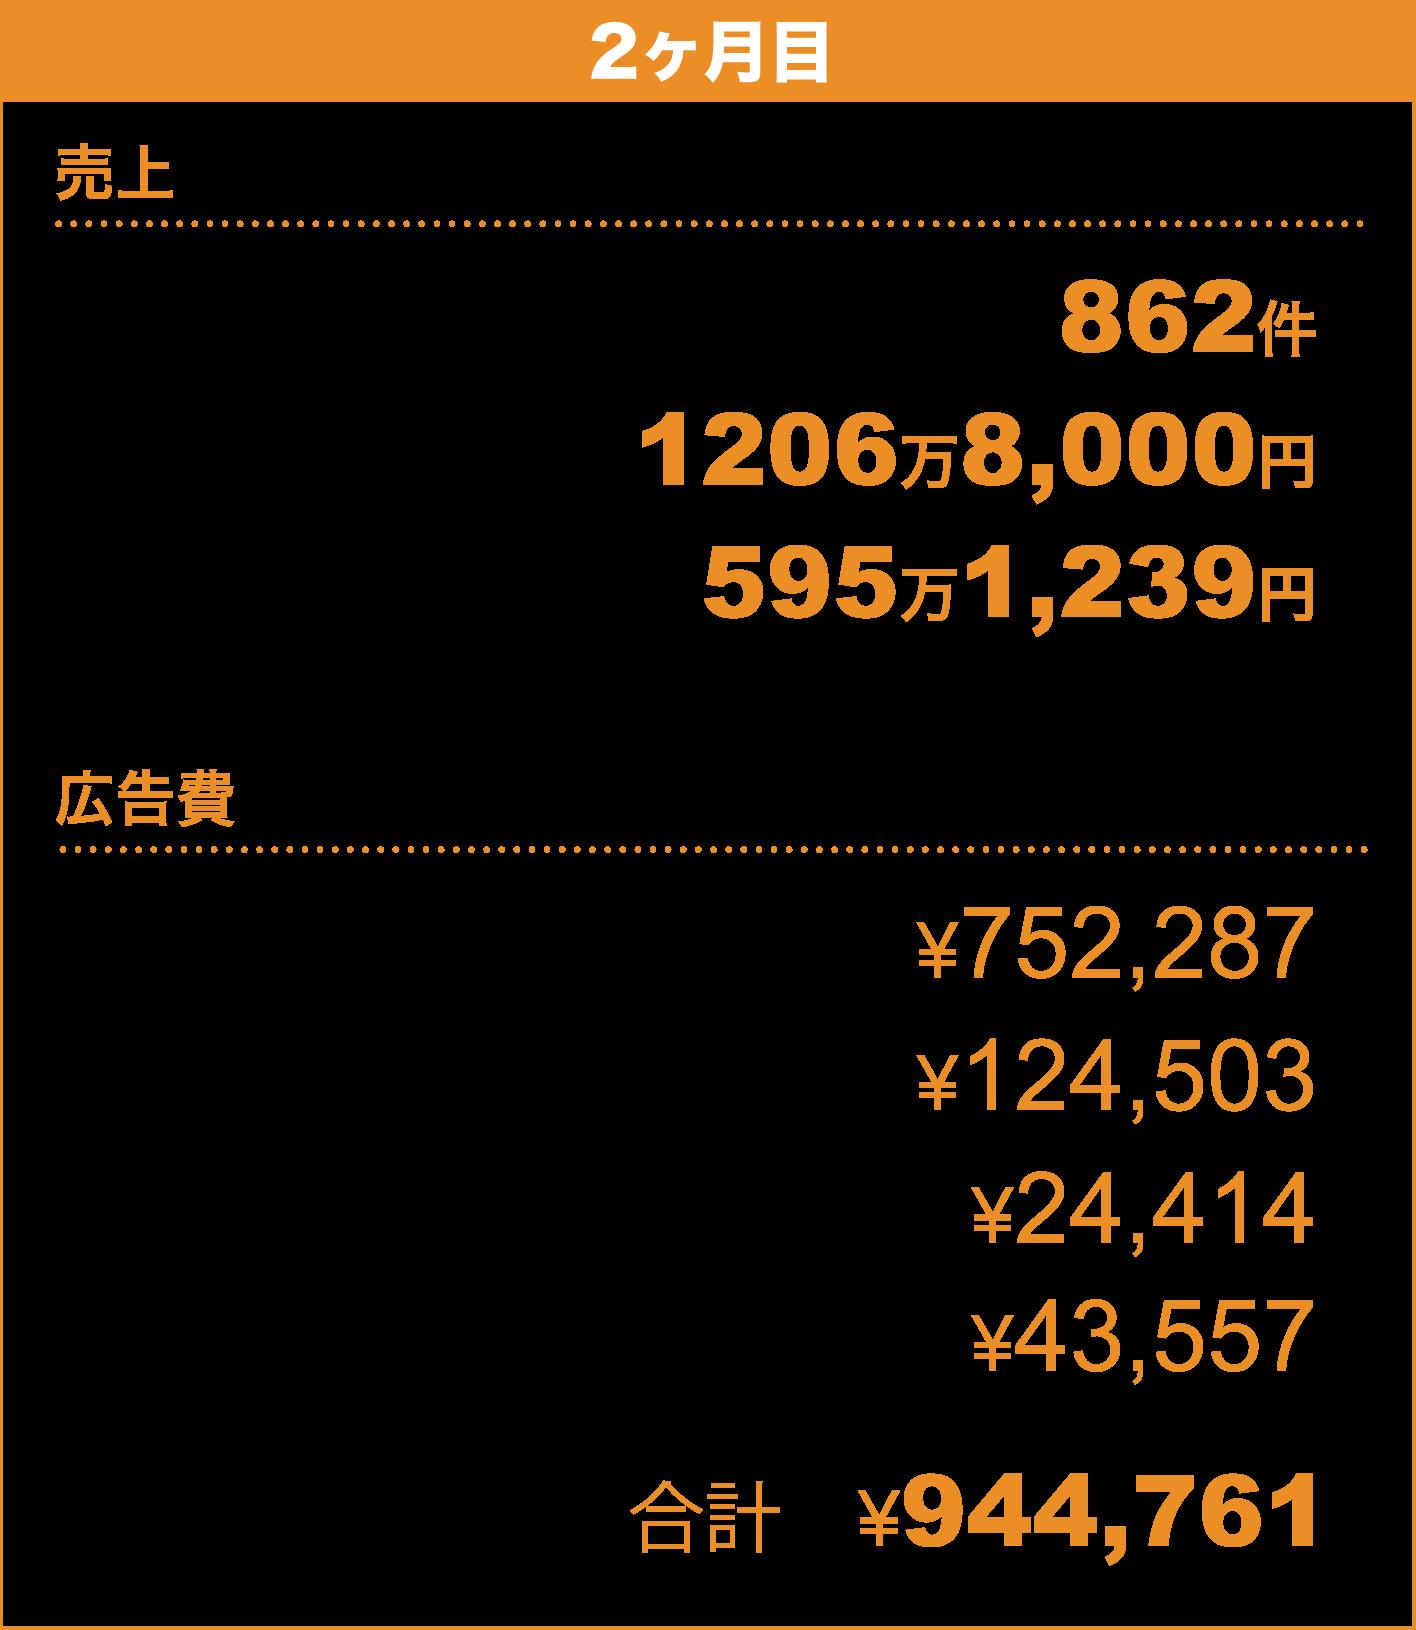 【2ヶ月目】〈売上〉売上件数 862件/売上額 1206万8,000円/粗利 595万1,239円〈広告費〉Facebook広告 ¥752,287/GoogleAdwords ¥124,503/Yahoo!スポンサードサーチ ¥24,414/YDN ¥43,557/合計 ¥944,761